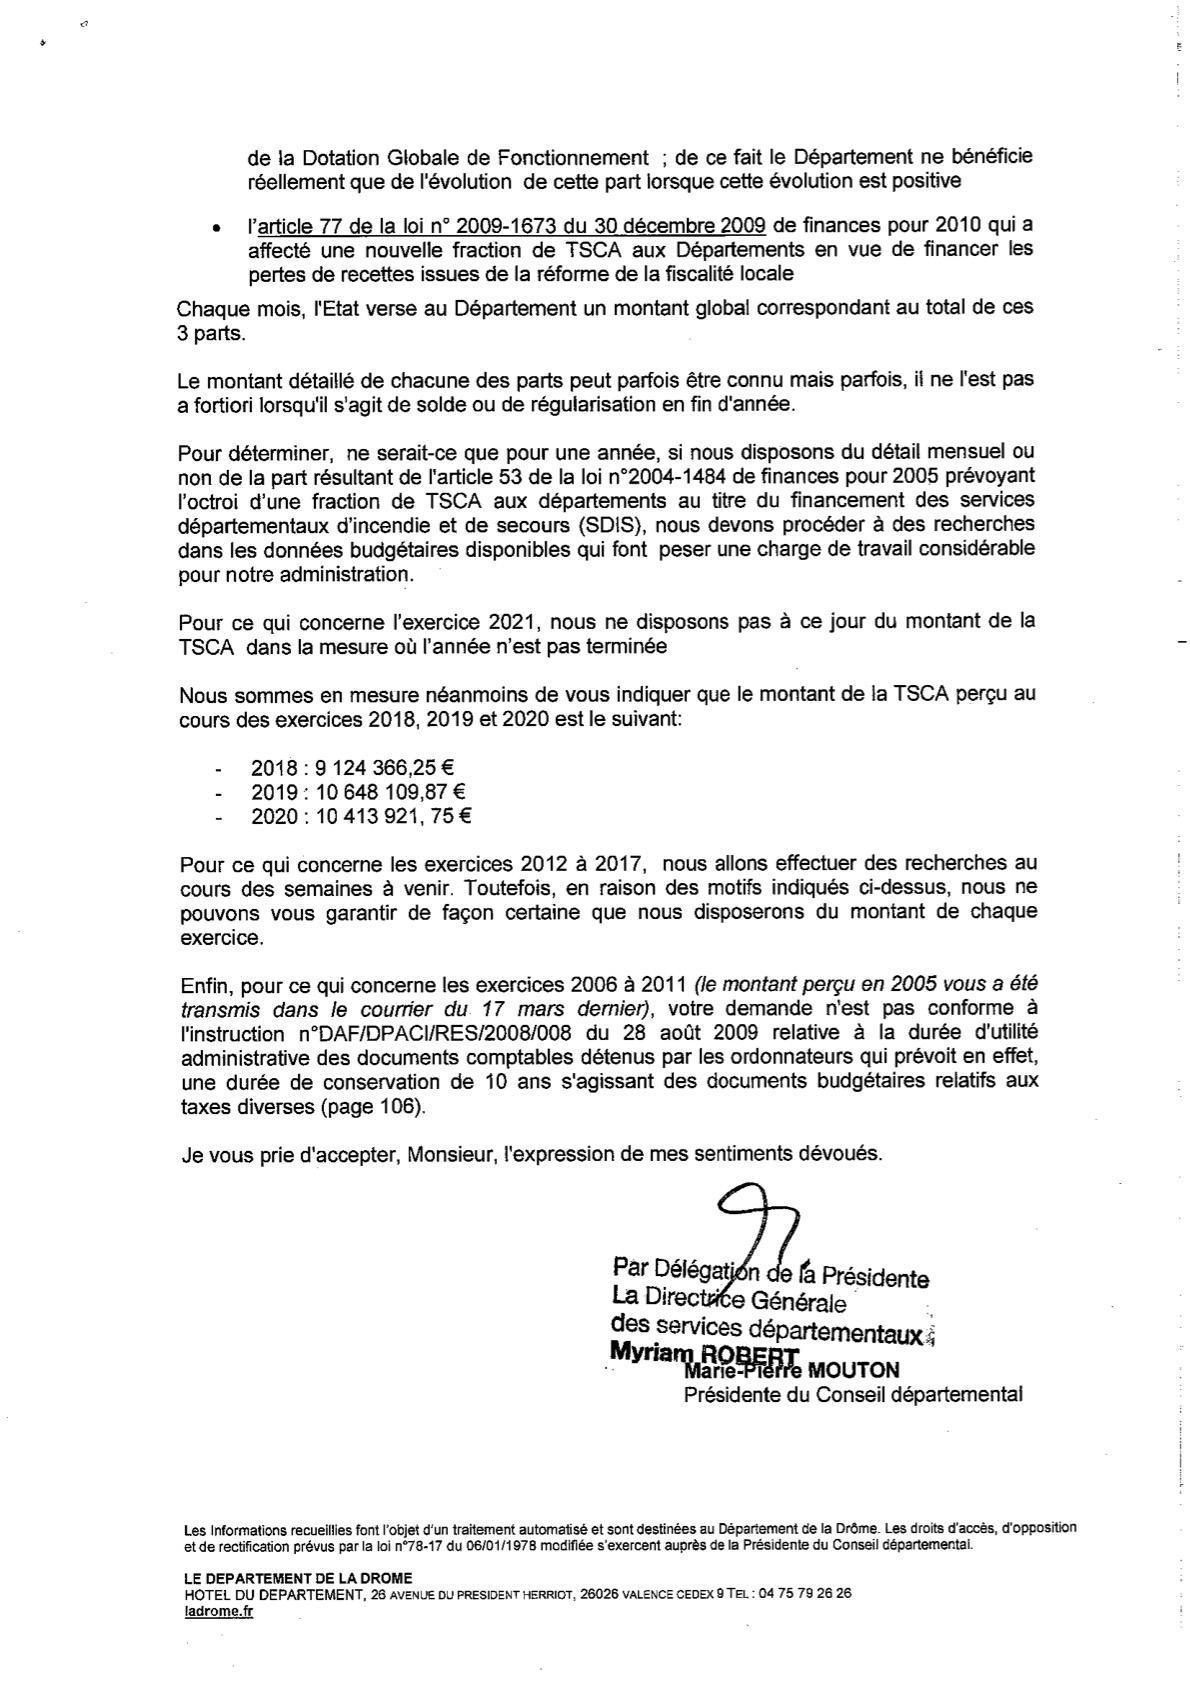 La TSCA et le Conseil Départemental de la Drôme